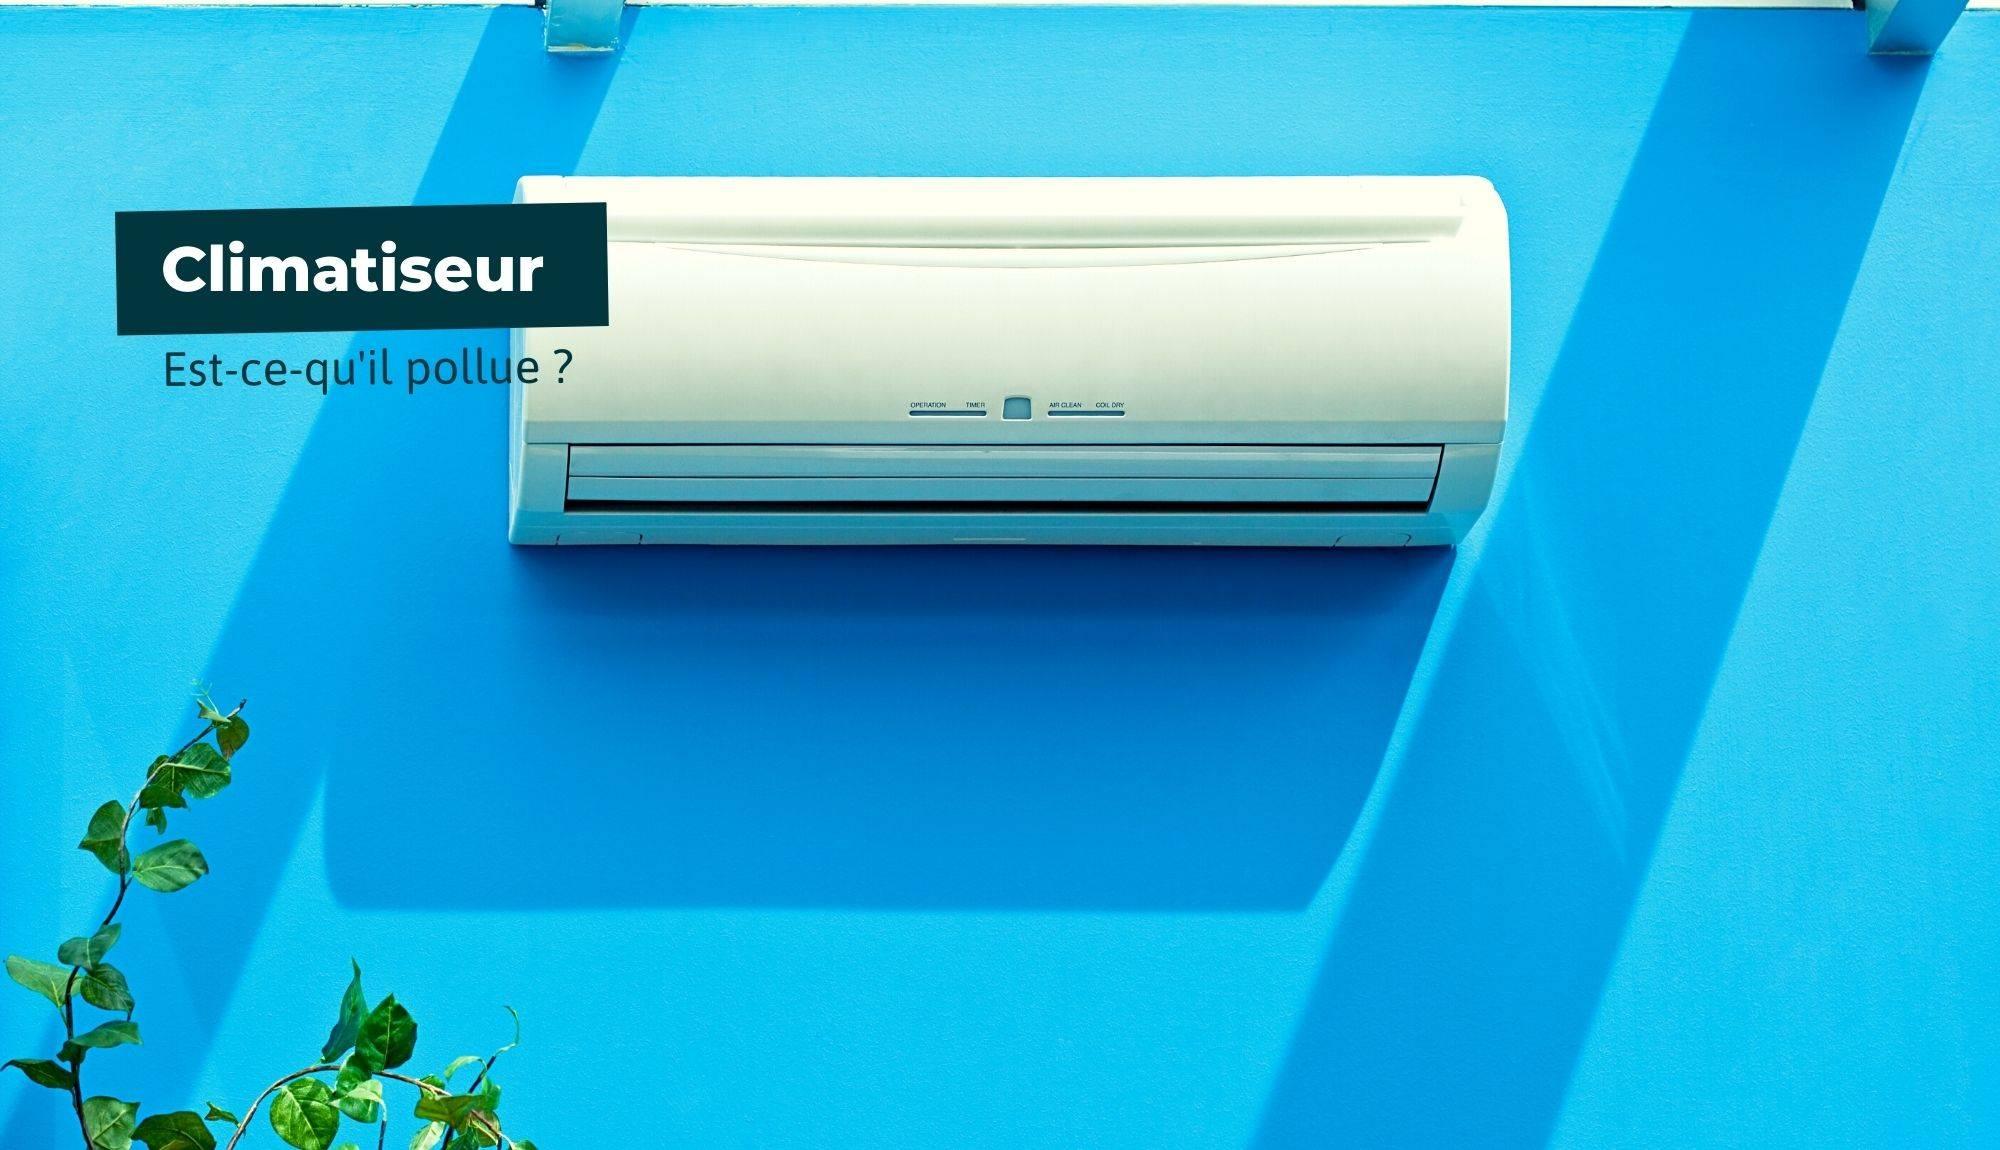 Pourquoi le climatiseur pollue ?